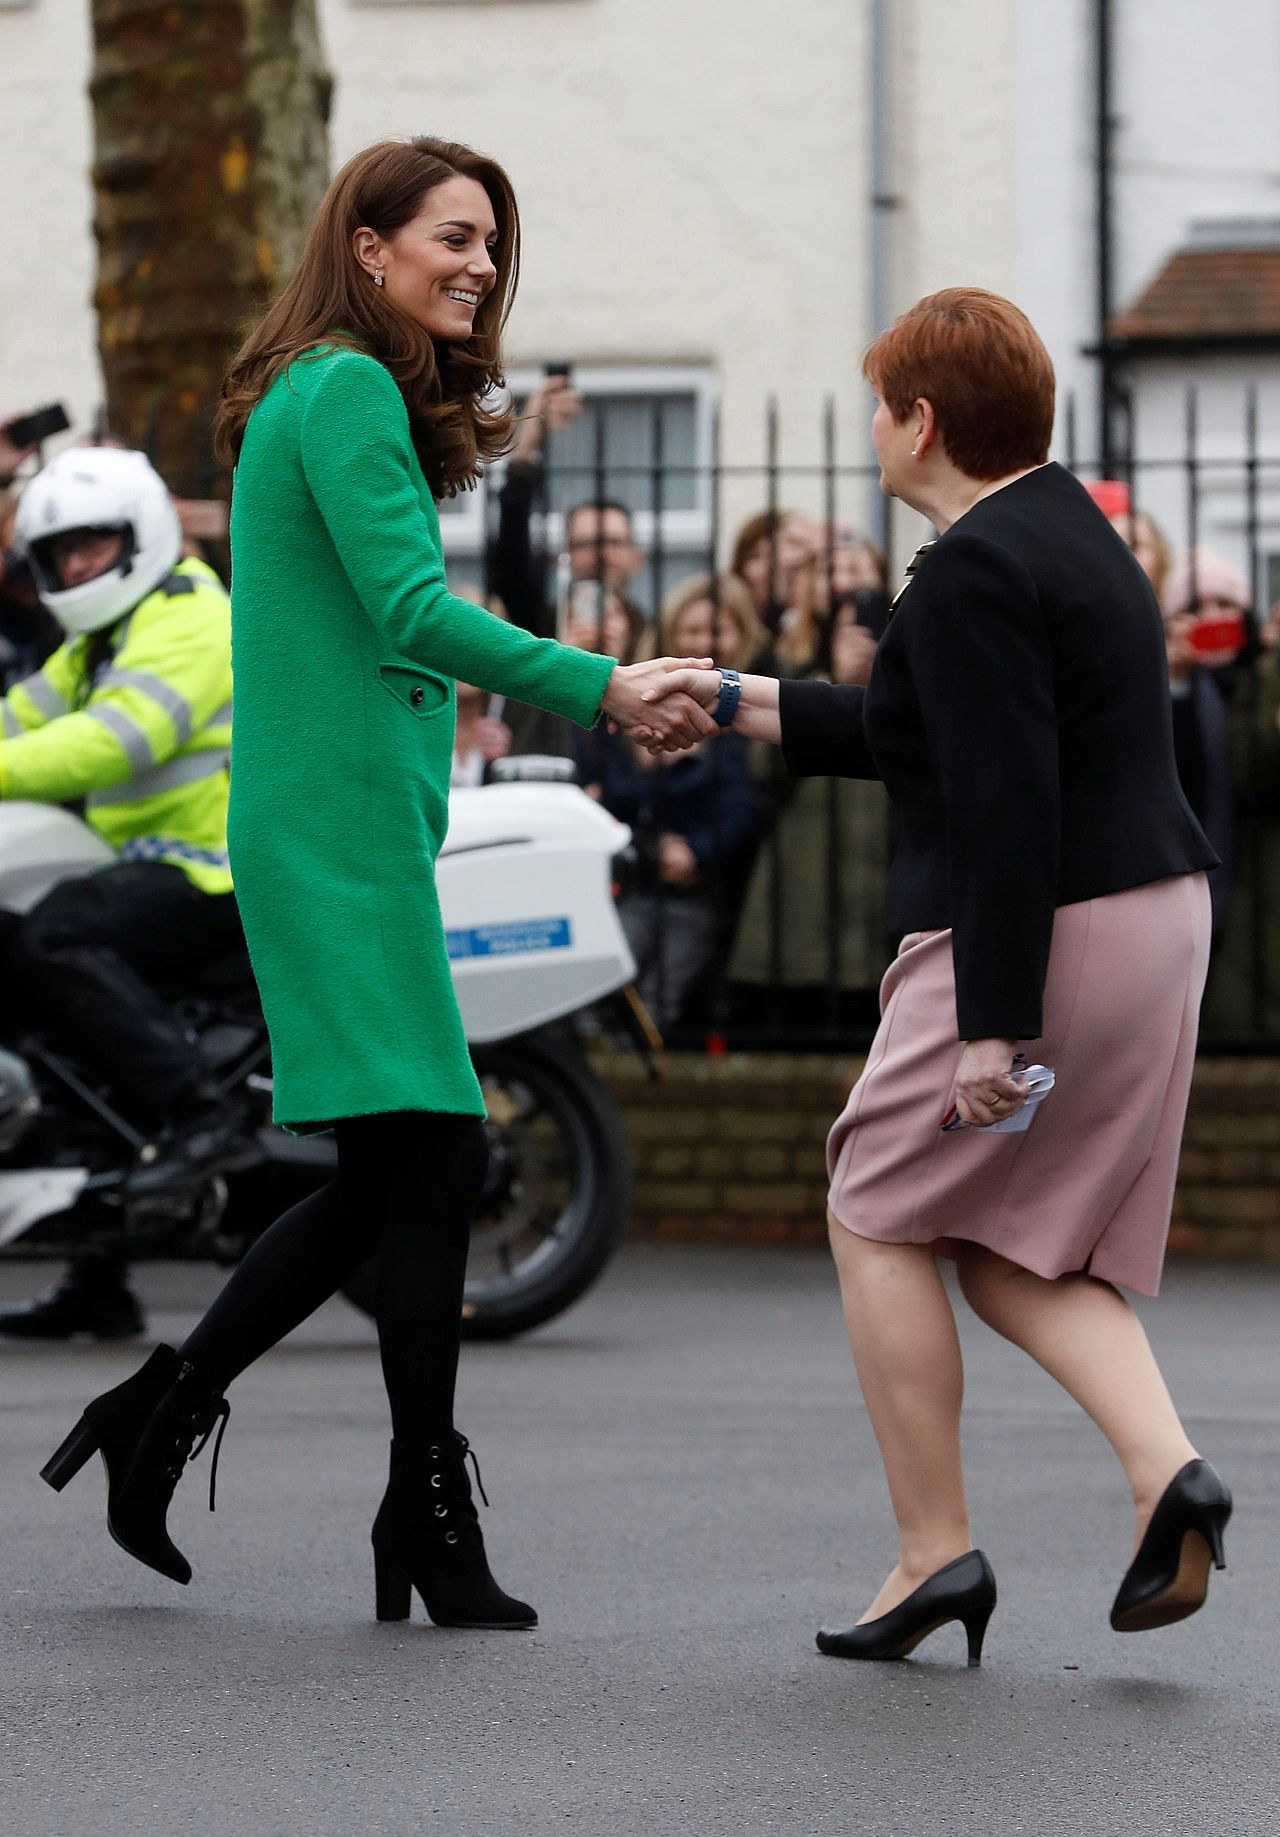 Księżna Kate w zielonej sukience i botkach na obcasie